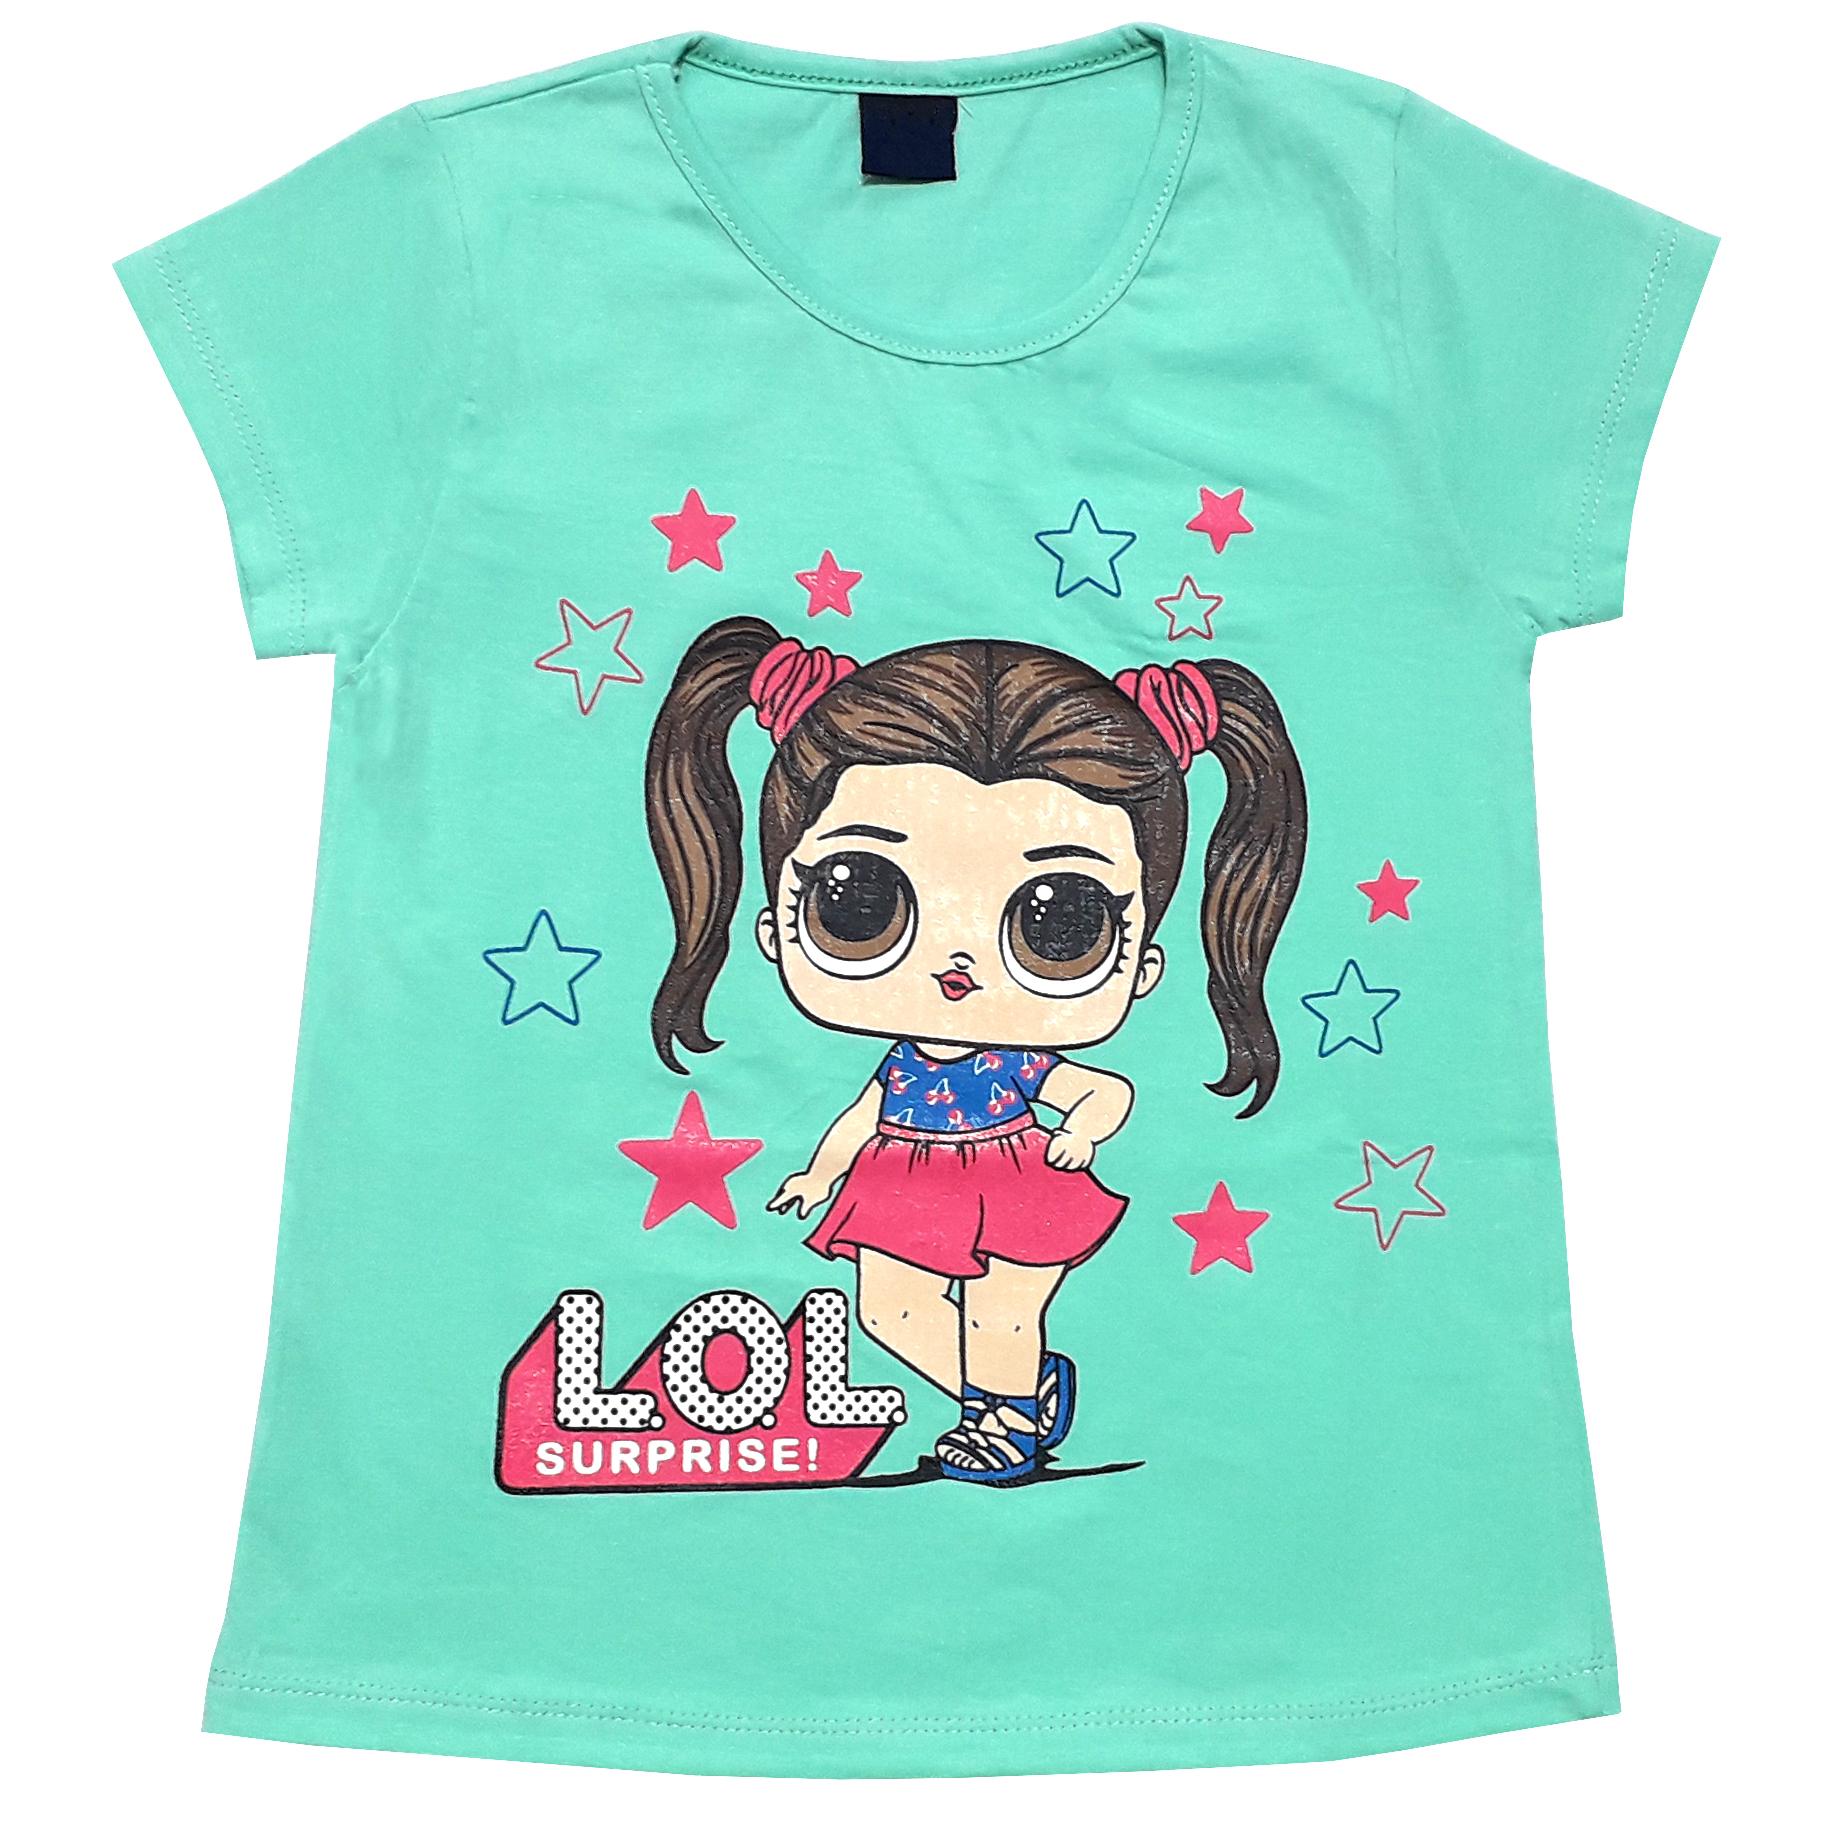 ست تی شرت و شلوارک دخترانه طرح LOL کد 1404 -  - 3